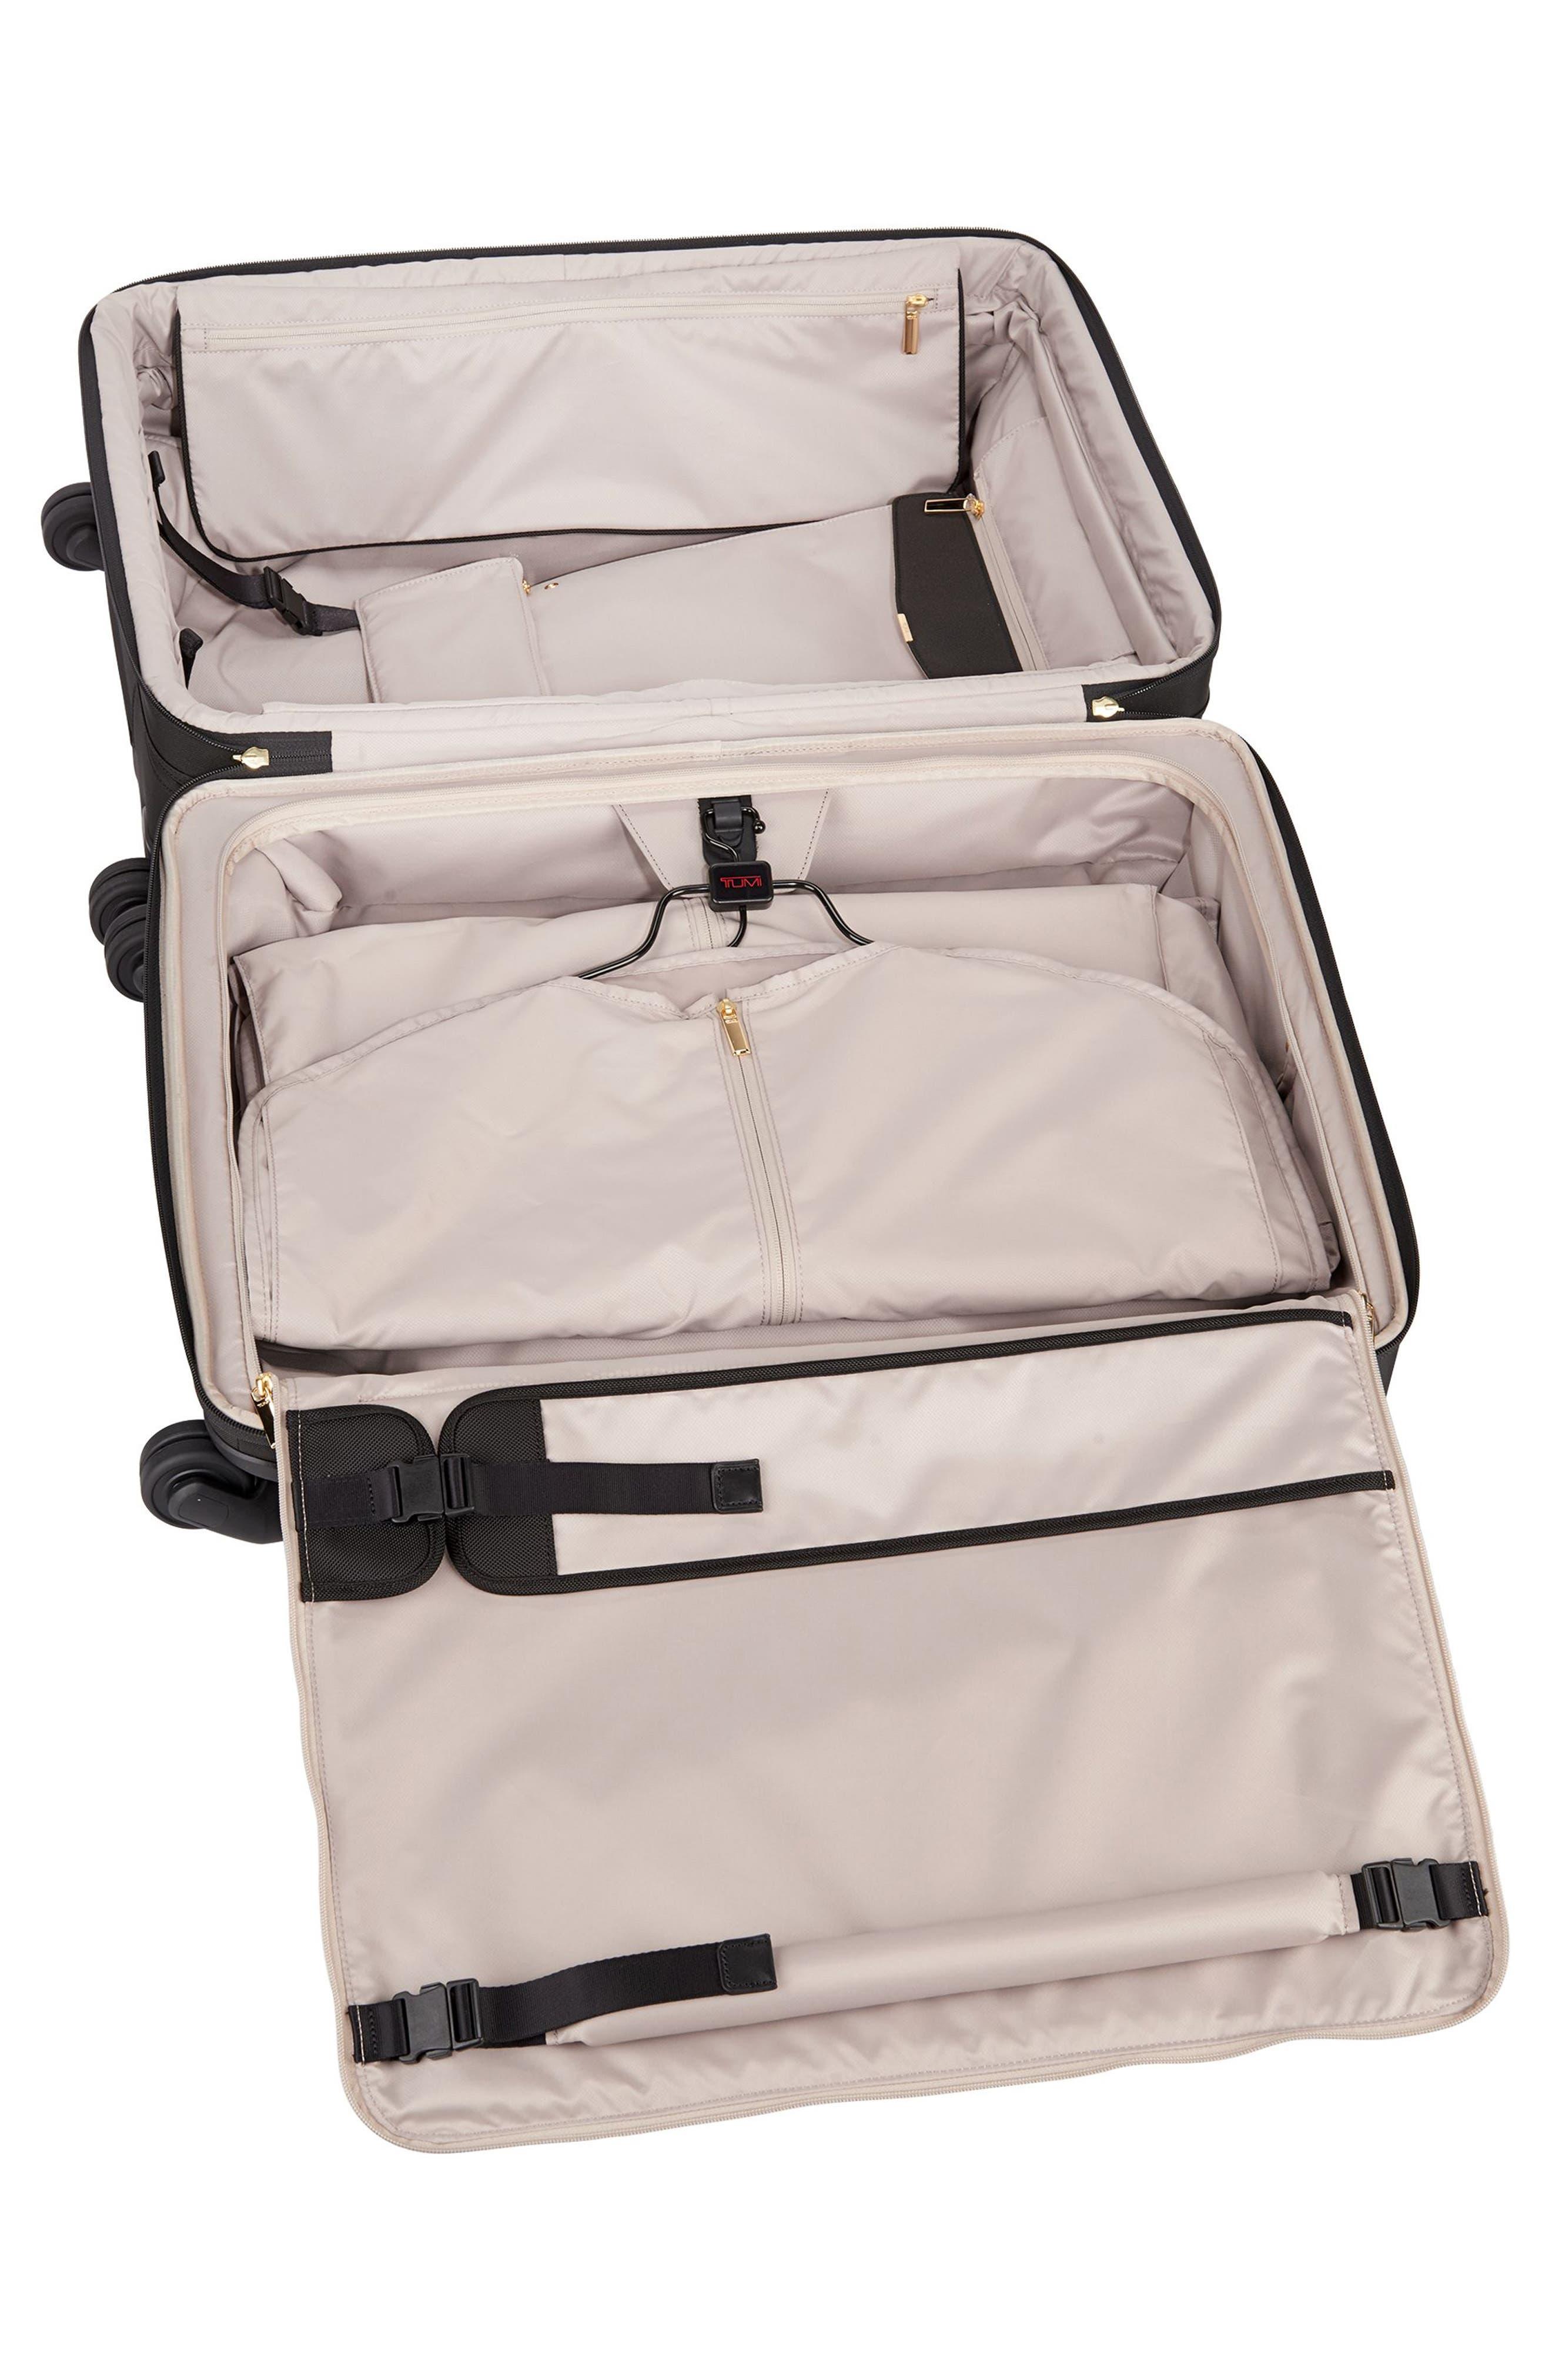 Larkin - Jess Short Trip 26-Inch Expandable 4-Wheel Suitcase,                             Alternate thumbnail 6, color,                             BLACK